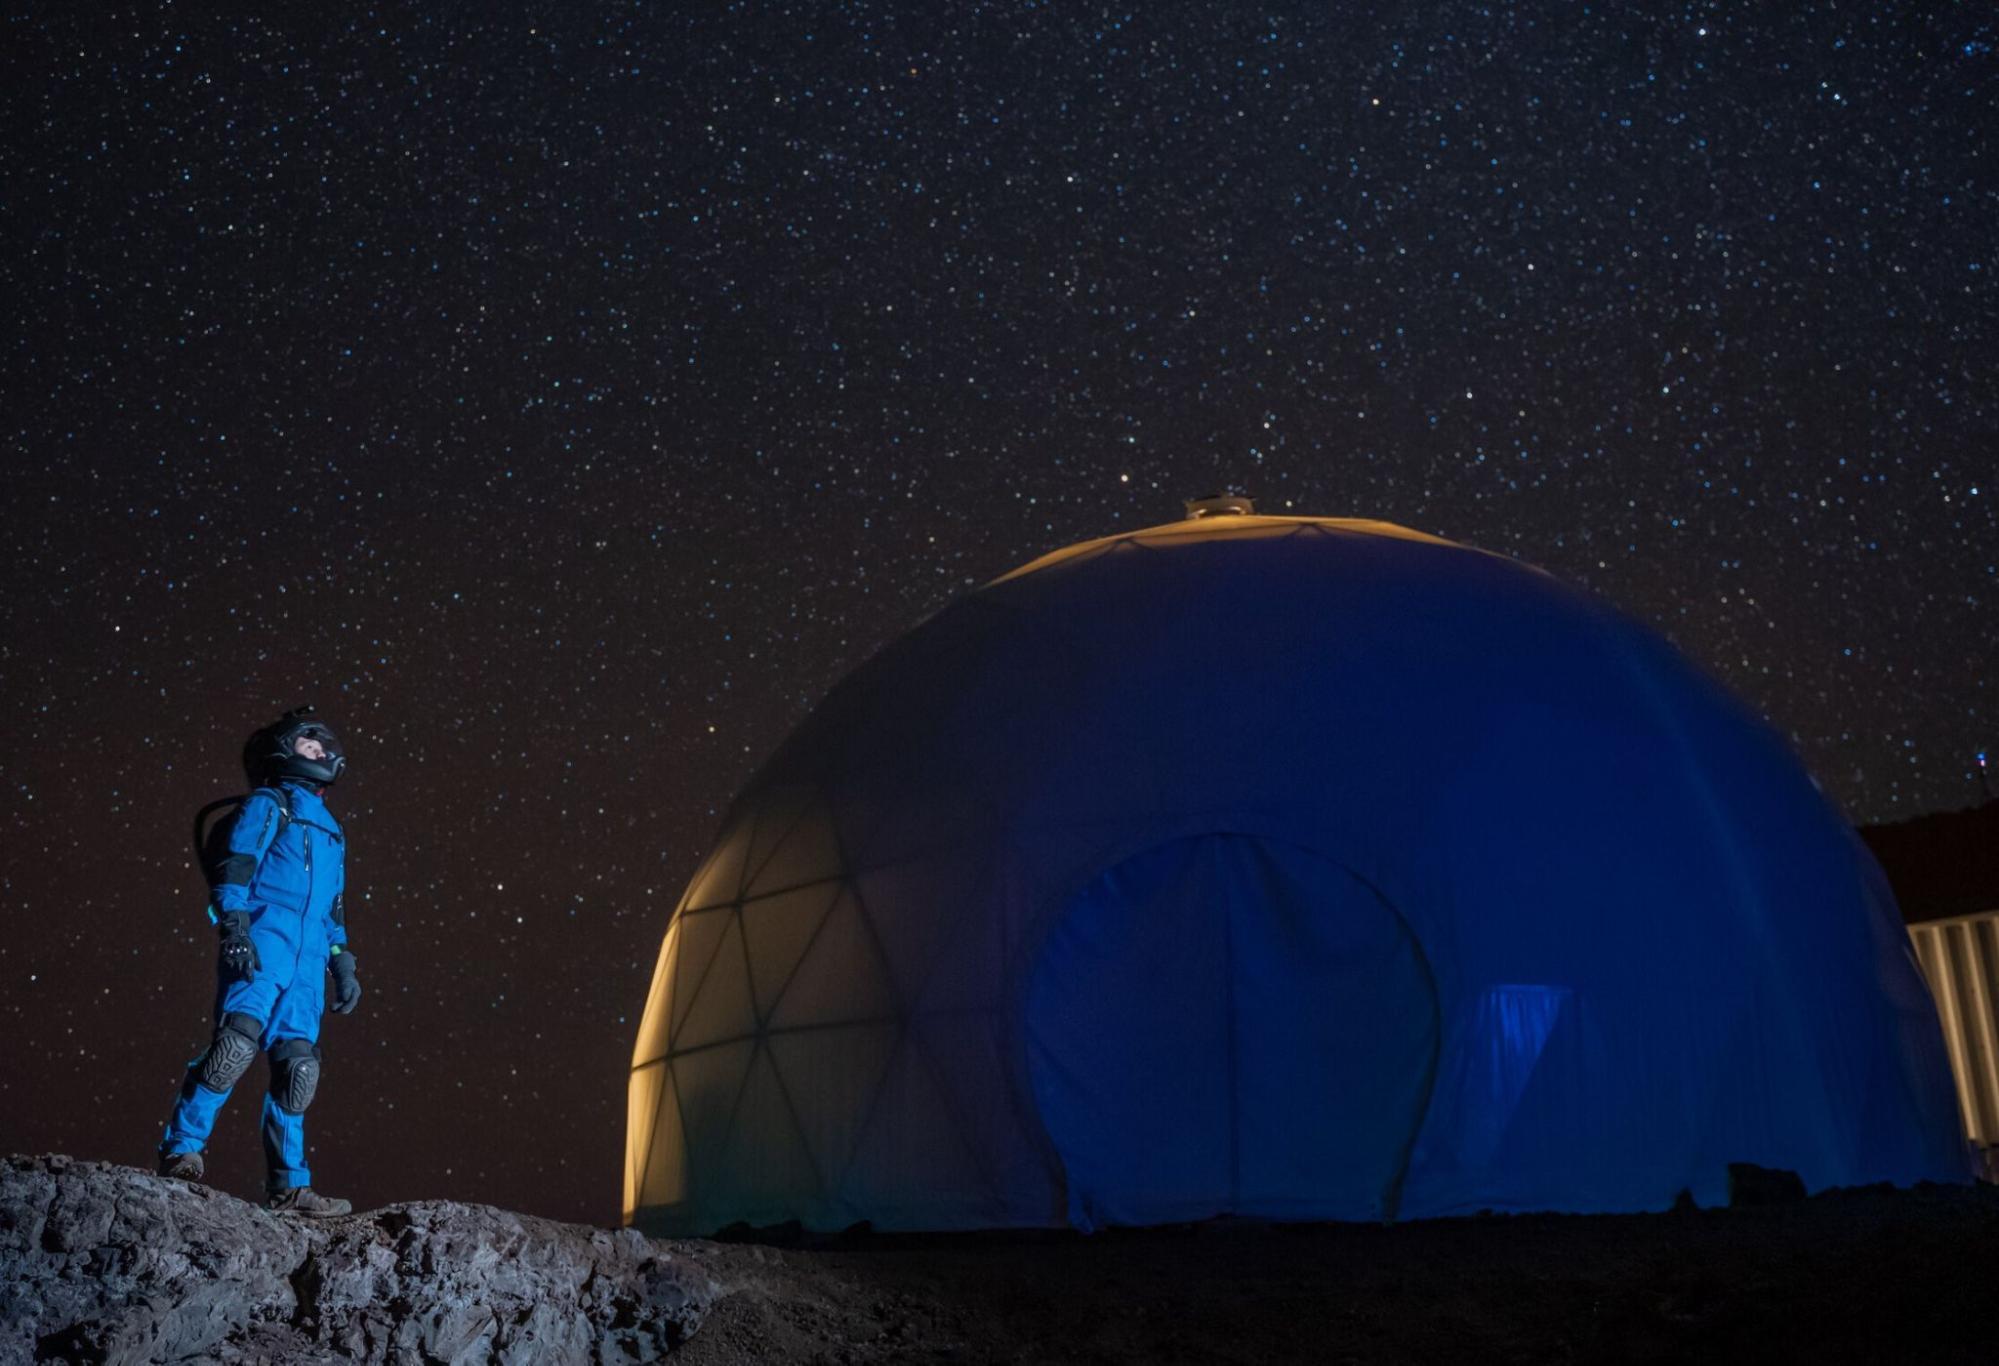 Проект HI-SEAS — симулятор жизни на Марсе: что это, зачем и где реализуется